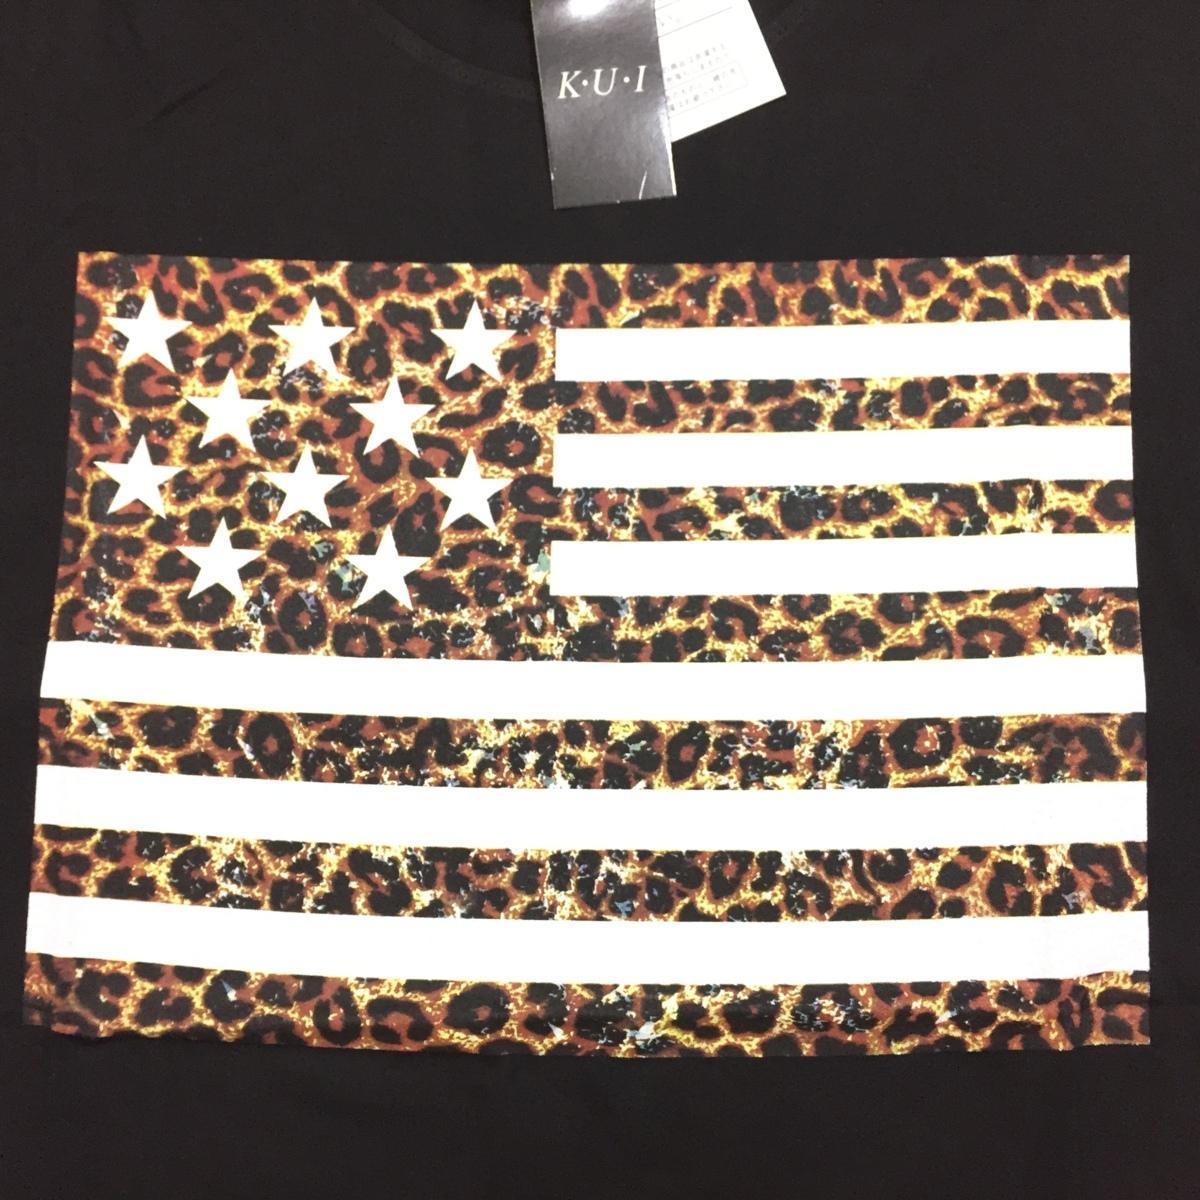 【卸売り】2枚セット メーカー希望小売価格¥3,190 新品 レオパード ヒョウ柄 星条旗 Tシャツ Lサイズ アメカジ ビター系_画像8